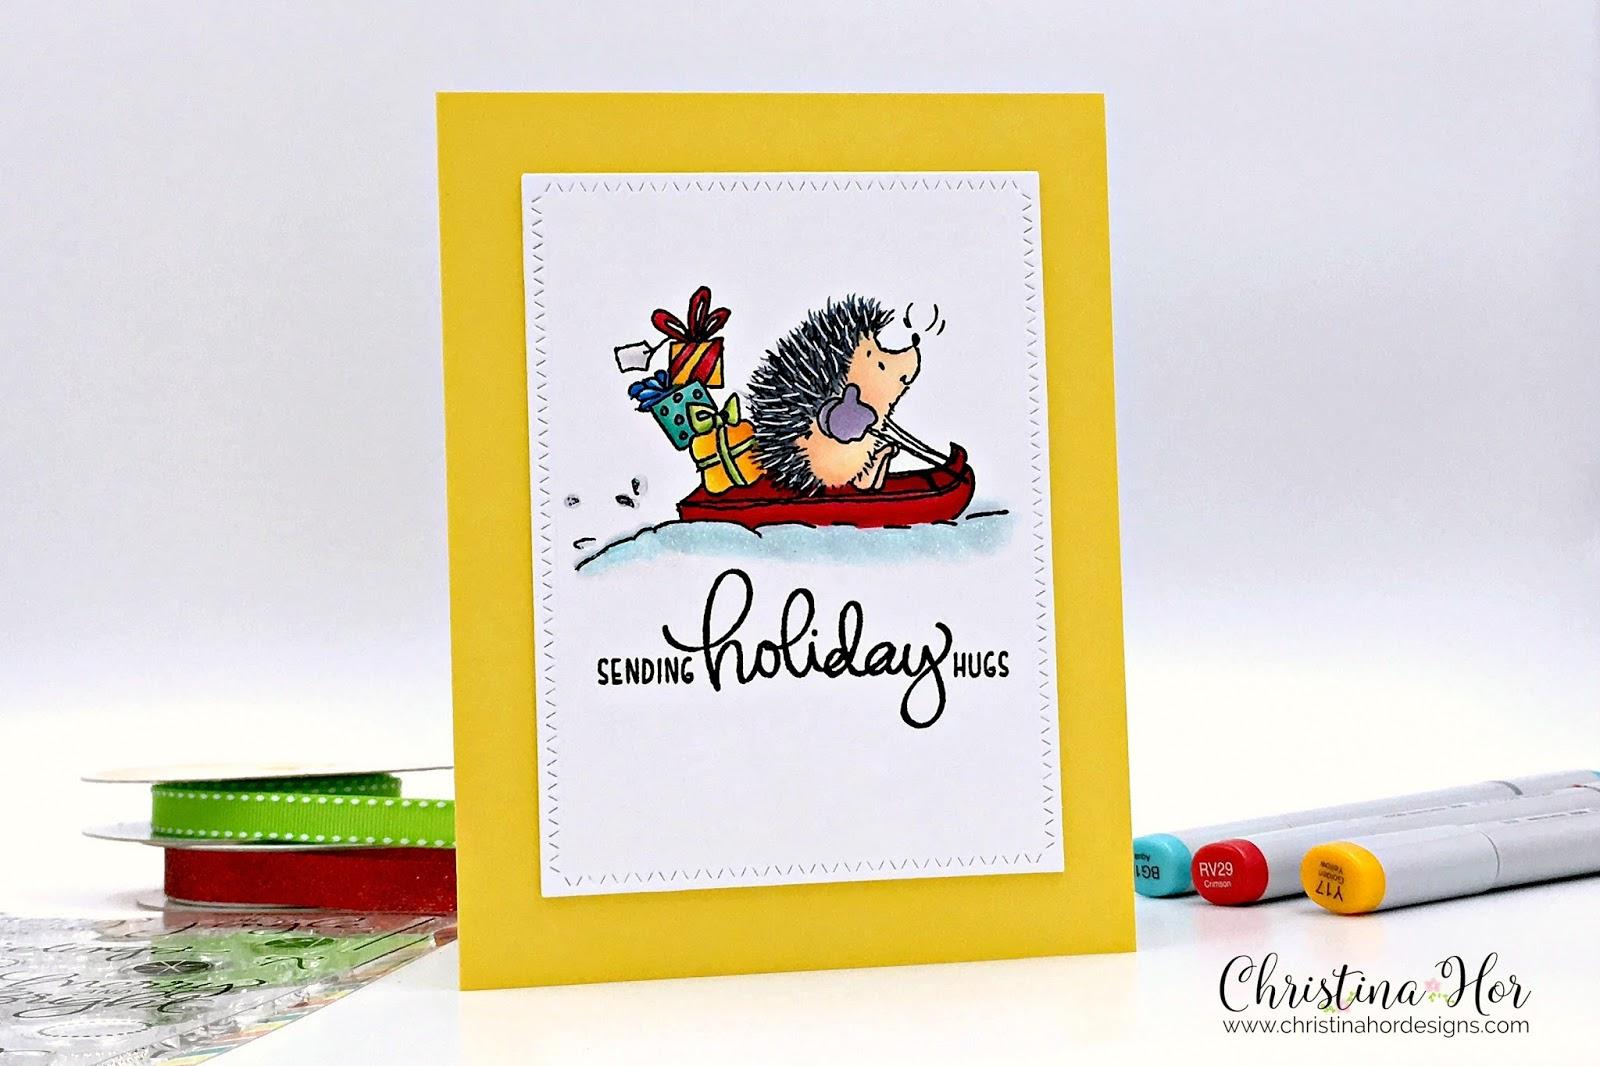 holiday card sending holiday hugs